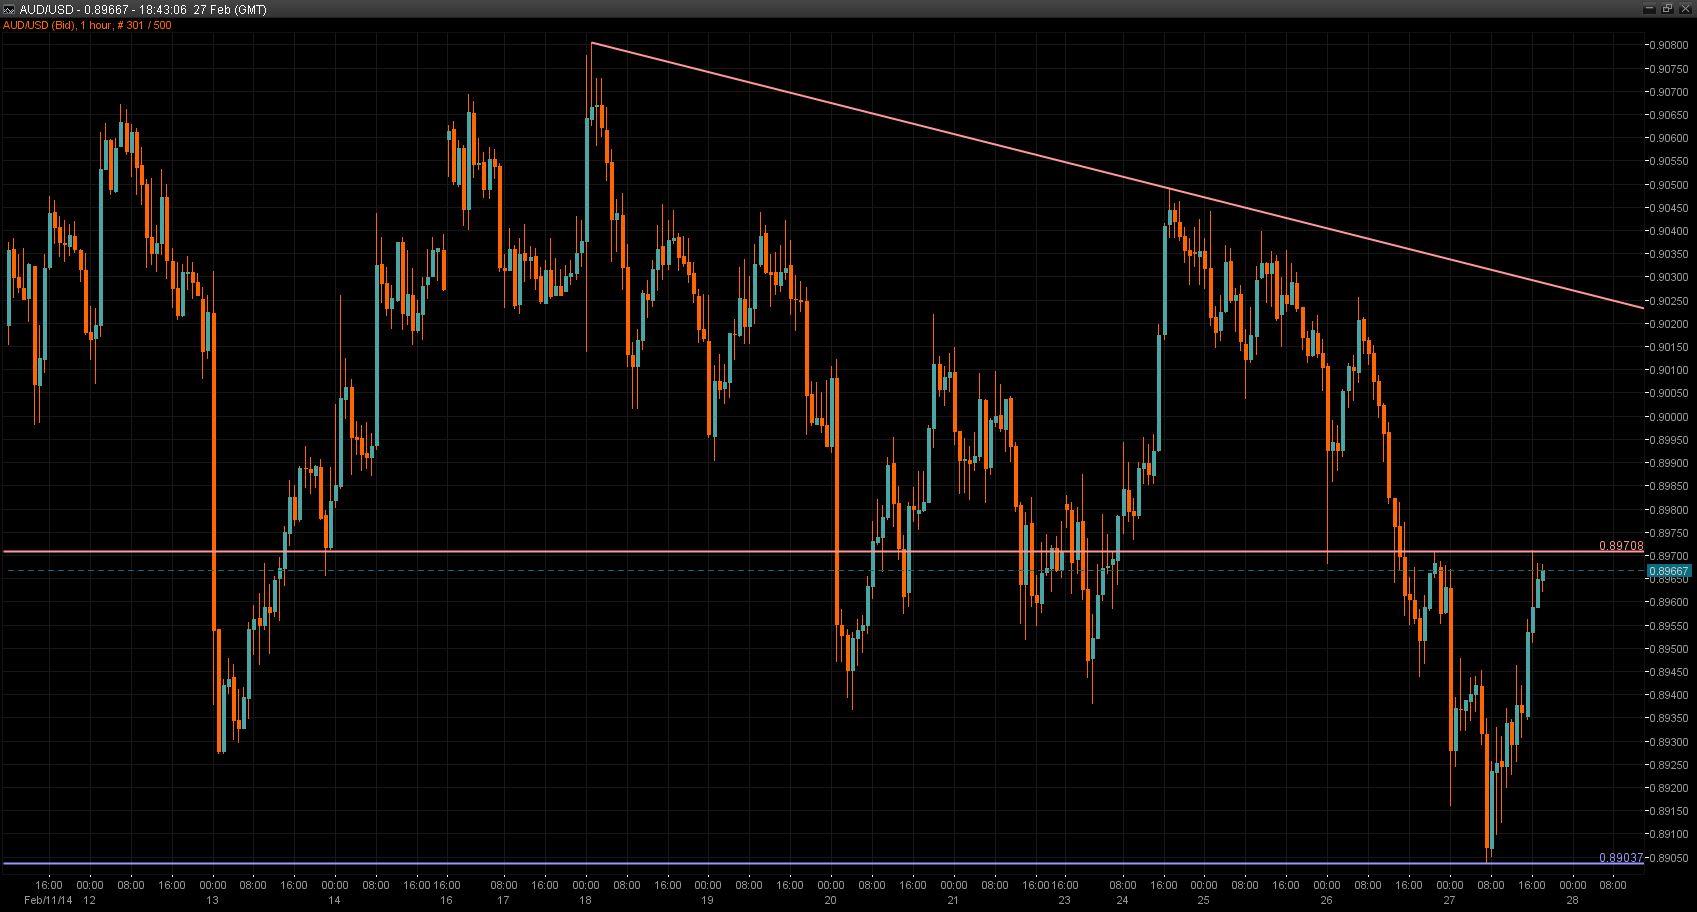 AUD/USD chart 28 Feb 2014